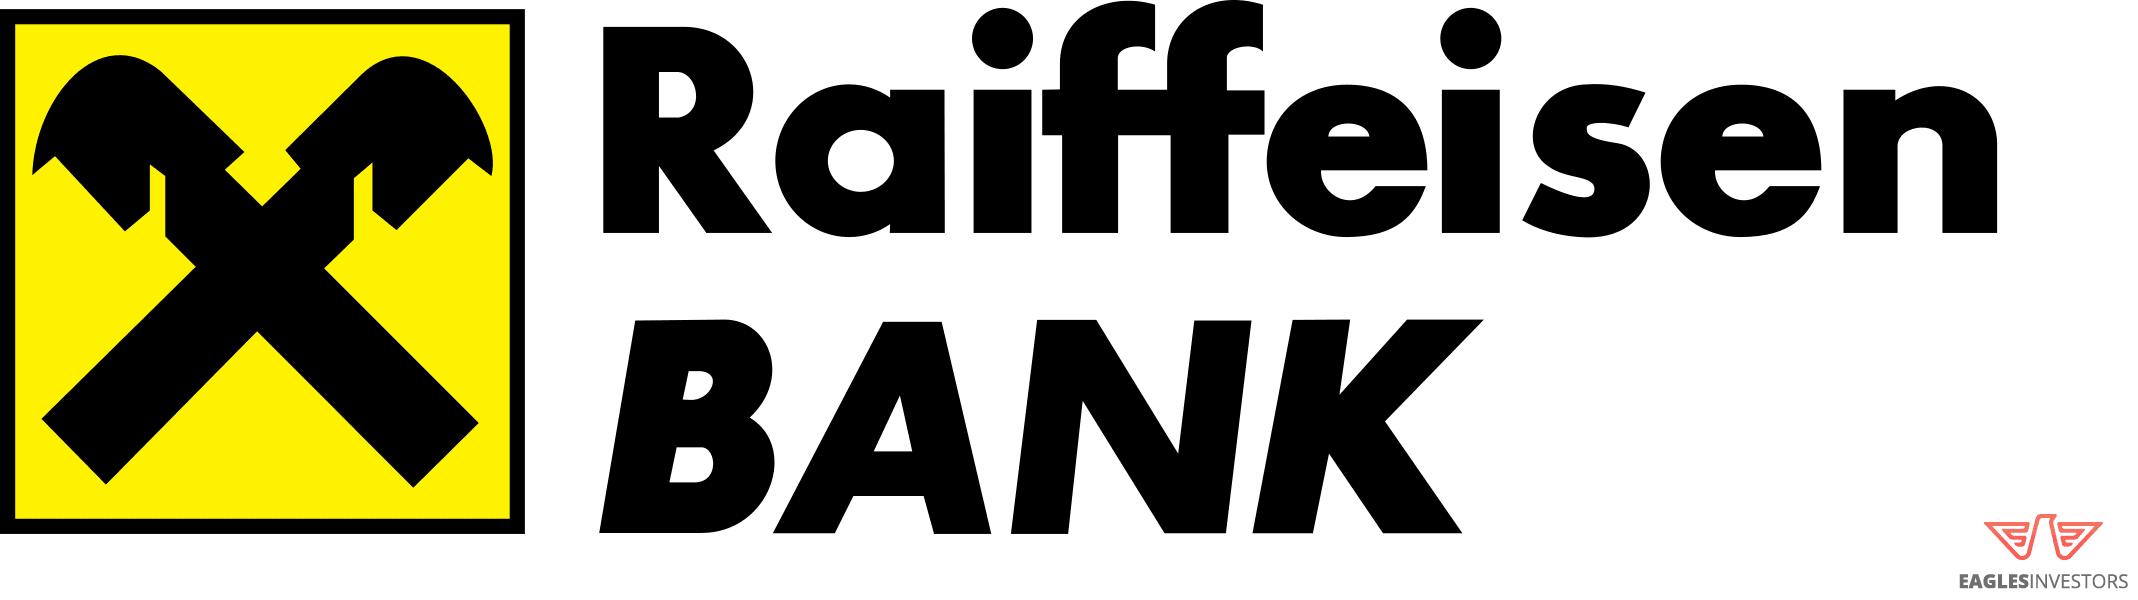 Banco Raiffeisen